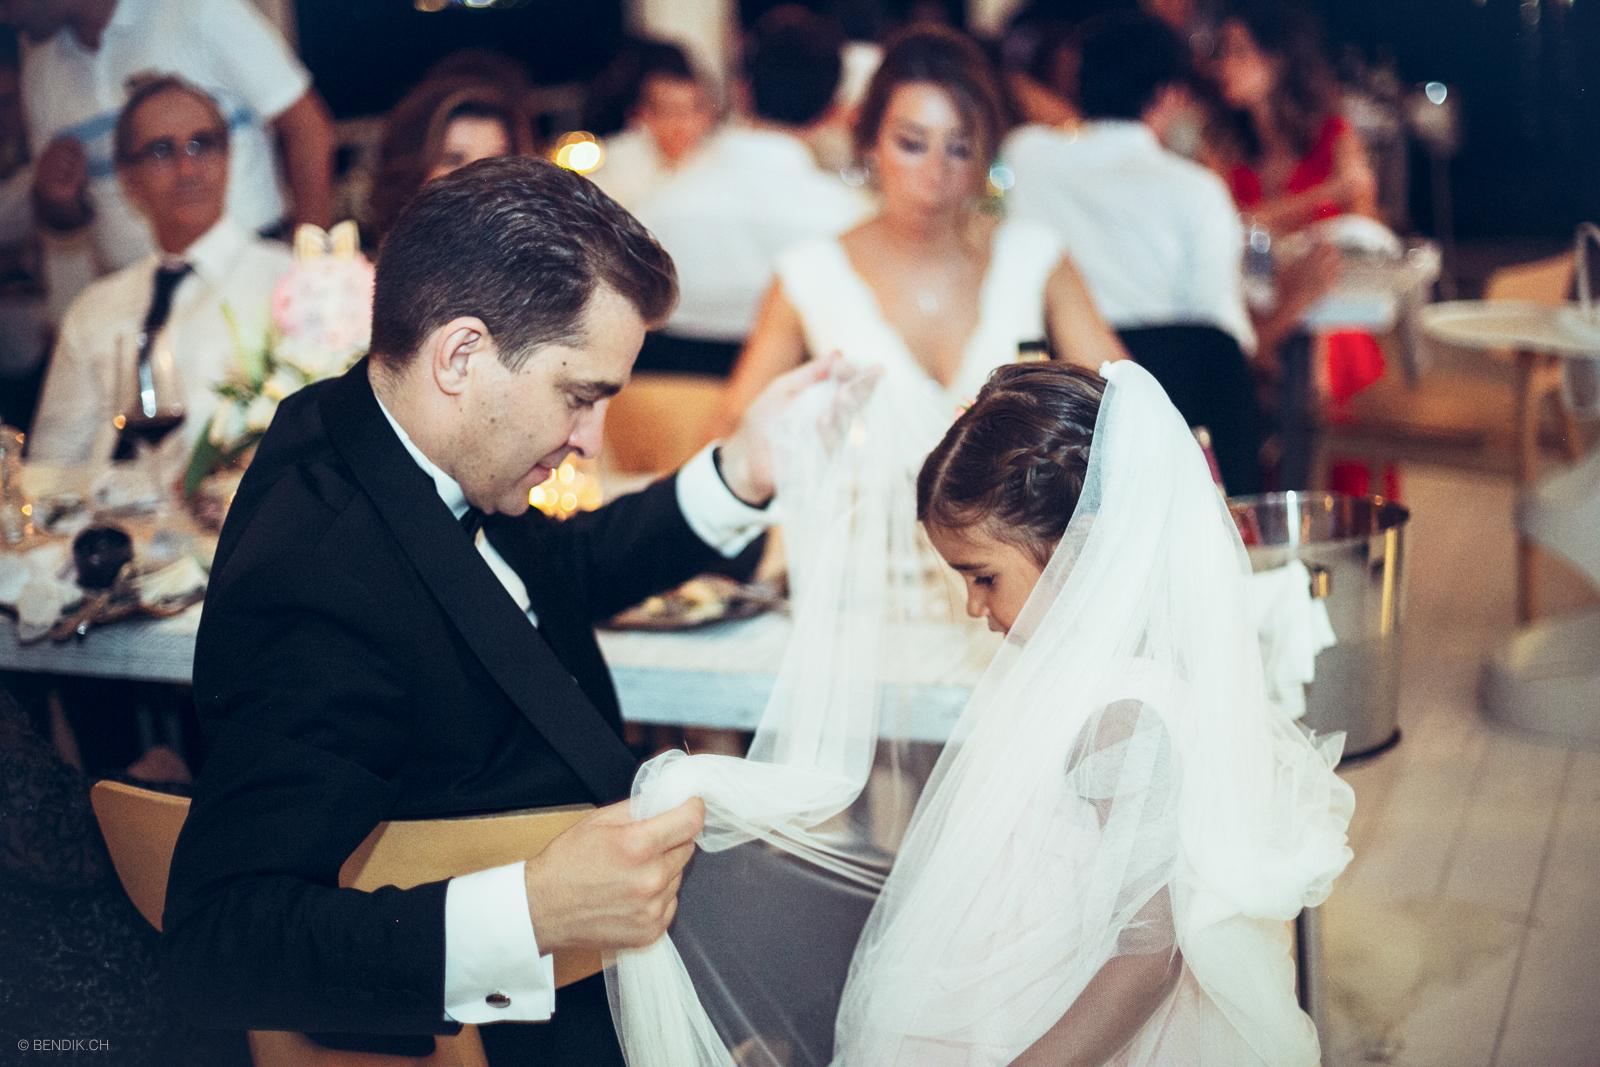 wedding_photoshoot_pinar_tolga20150913_077